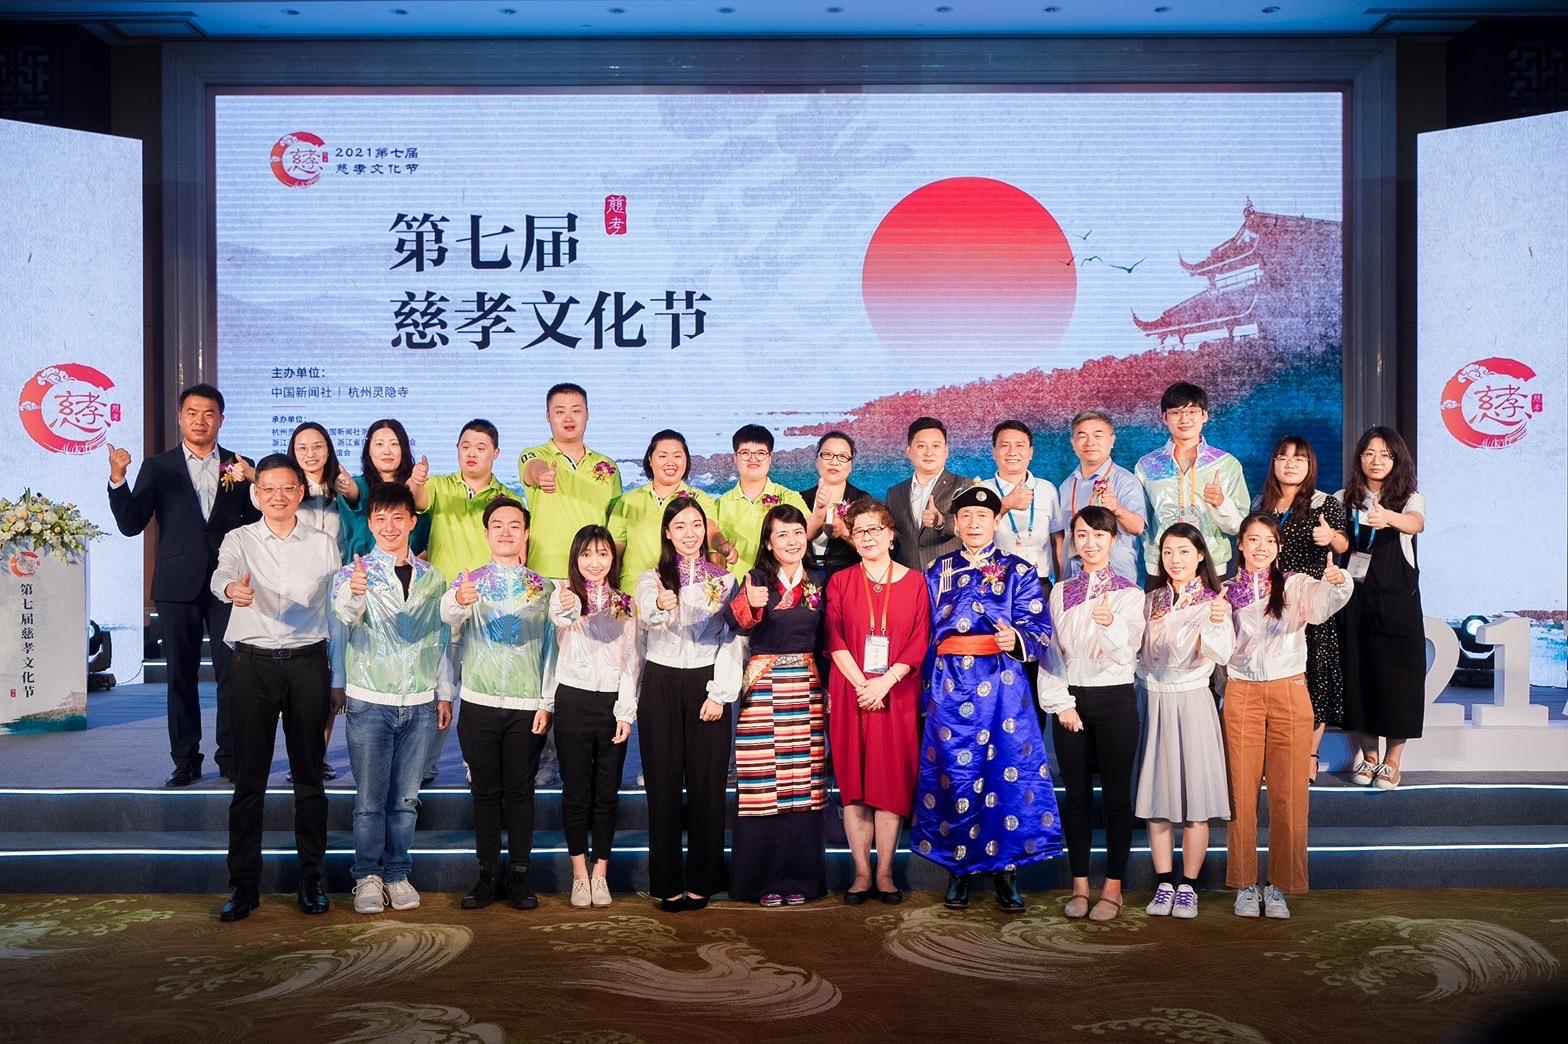 2021杭州第七屆慈孝文化節開幕 洪秀柱視訊致詞:慈孝精神在新時代仍值得奉行與發揚